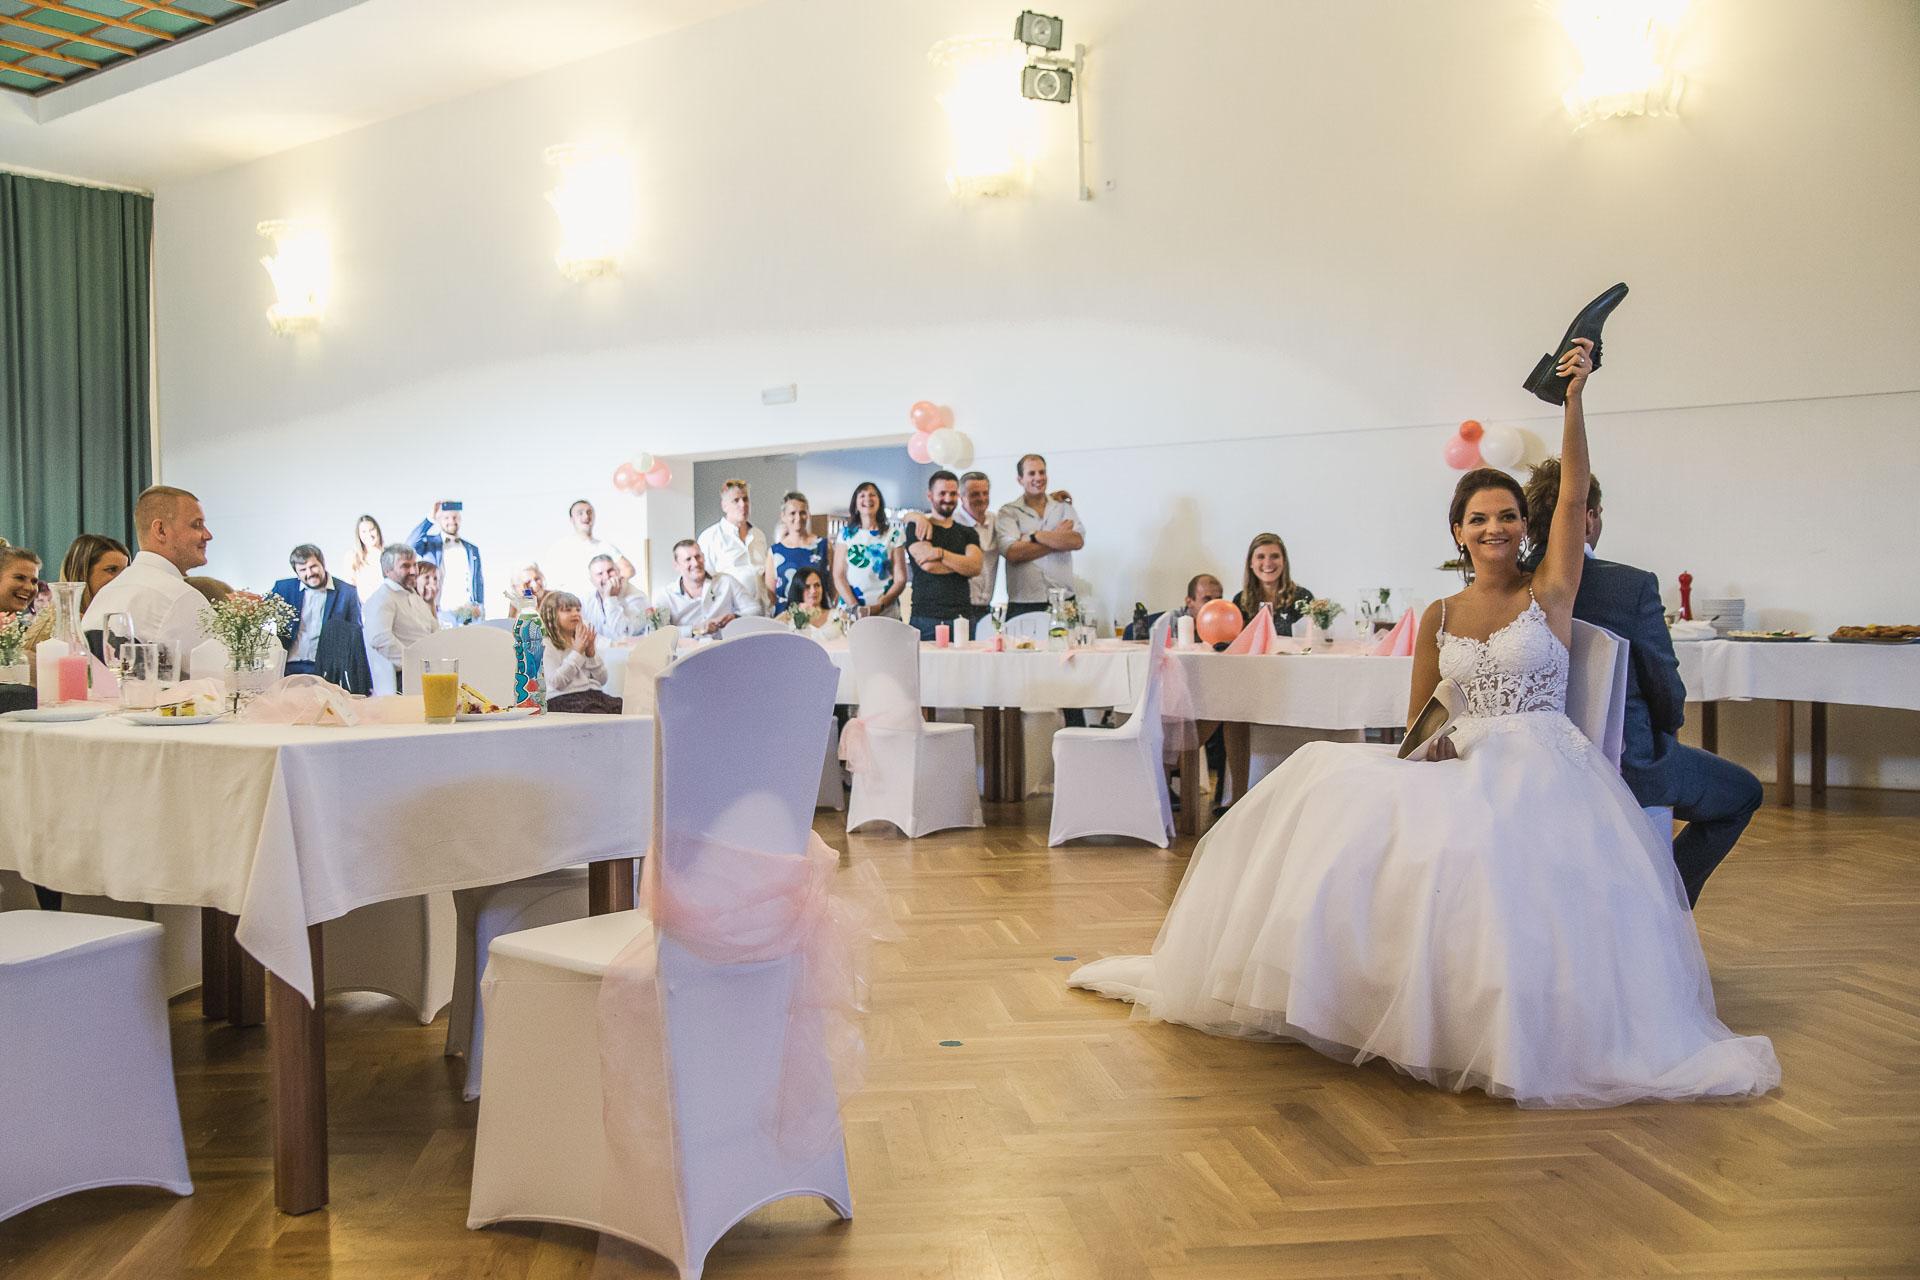 svatební-fotografie-Říp-svatební-video-ŘÍP-svatební-fotograf-ŘÍP-svatba-Mělník-svatba-Neratovice-fotograf-na-savtbu-kameraman-na-svatbu-403